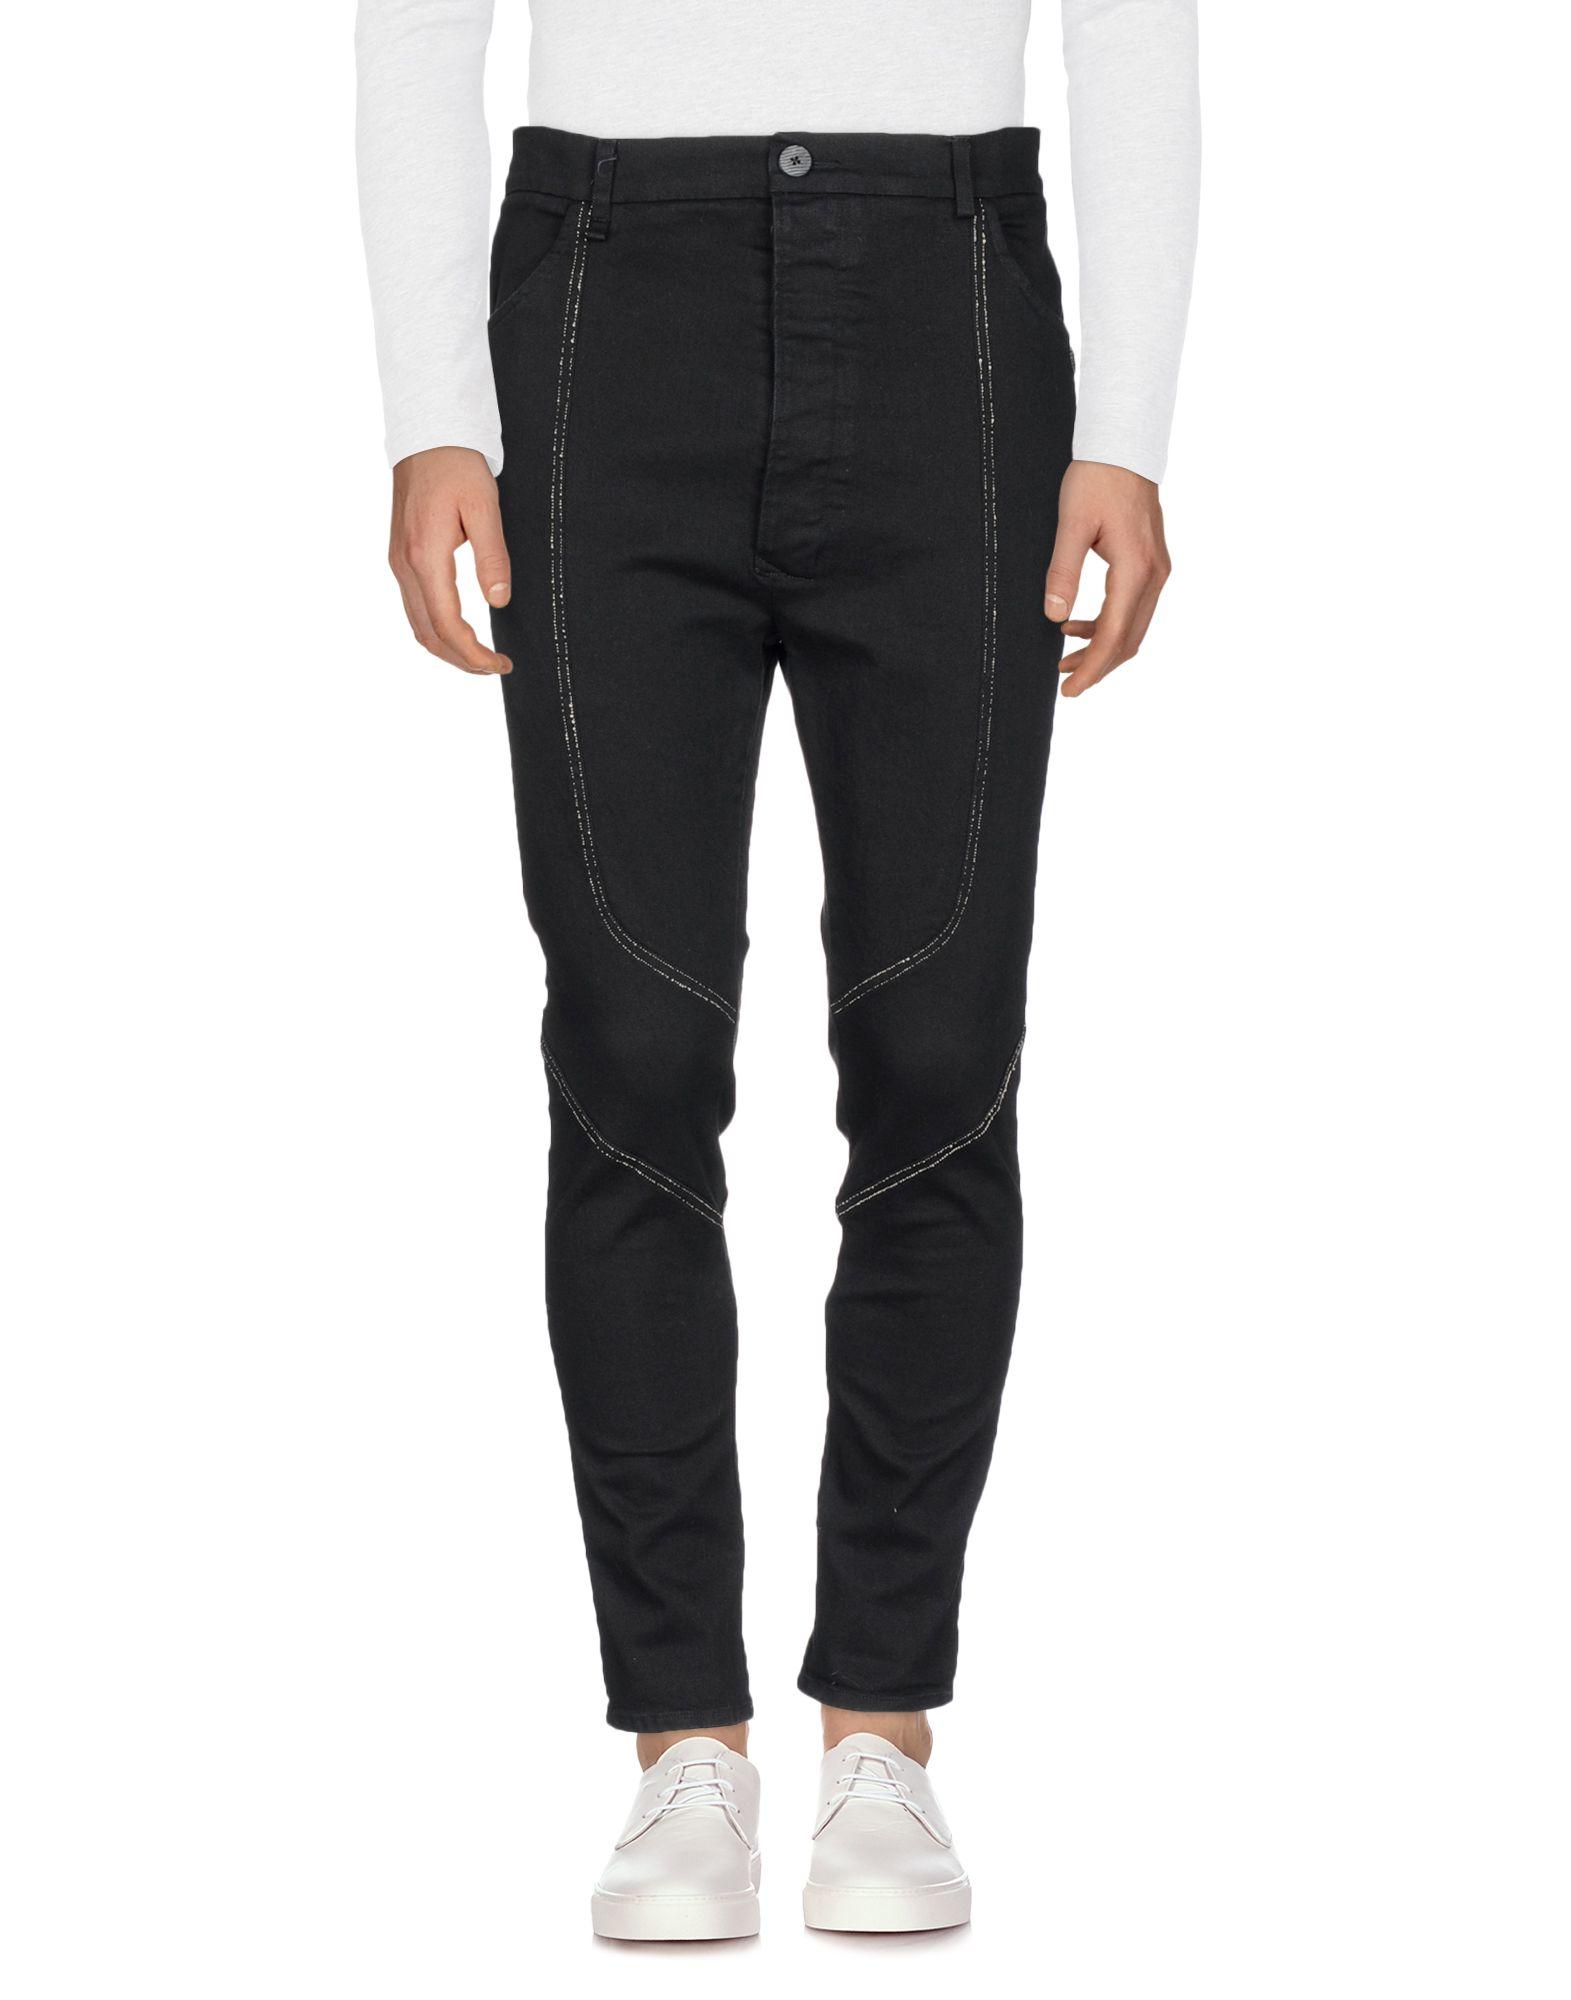 Pantaloni Jeans Nostrasantissima Donna - Acquista online su